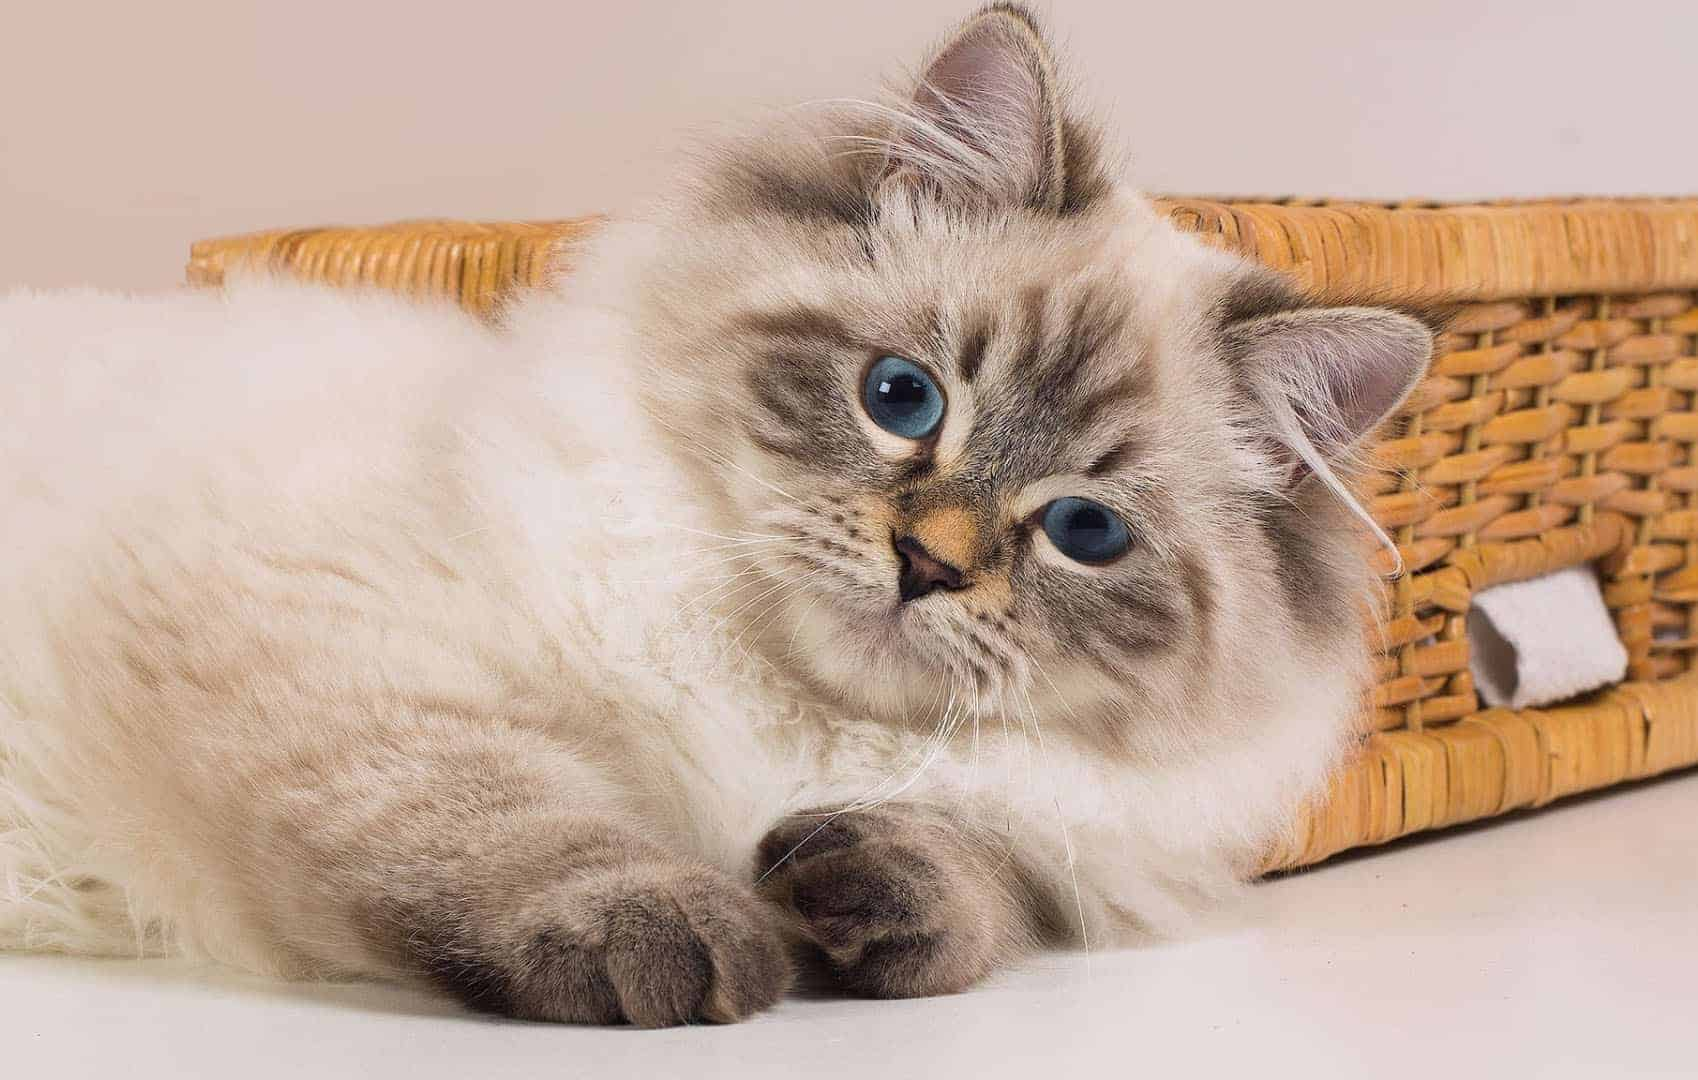 Невская маскарадная — обзор породы, стандарты, требования по уходу и содержанию кошки (155 фото)